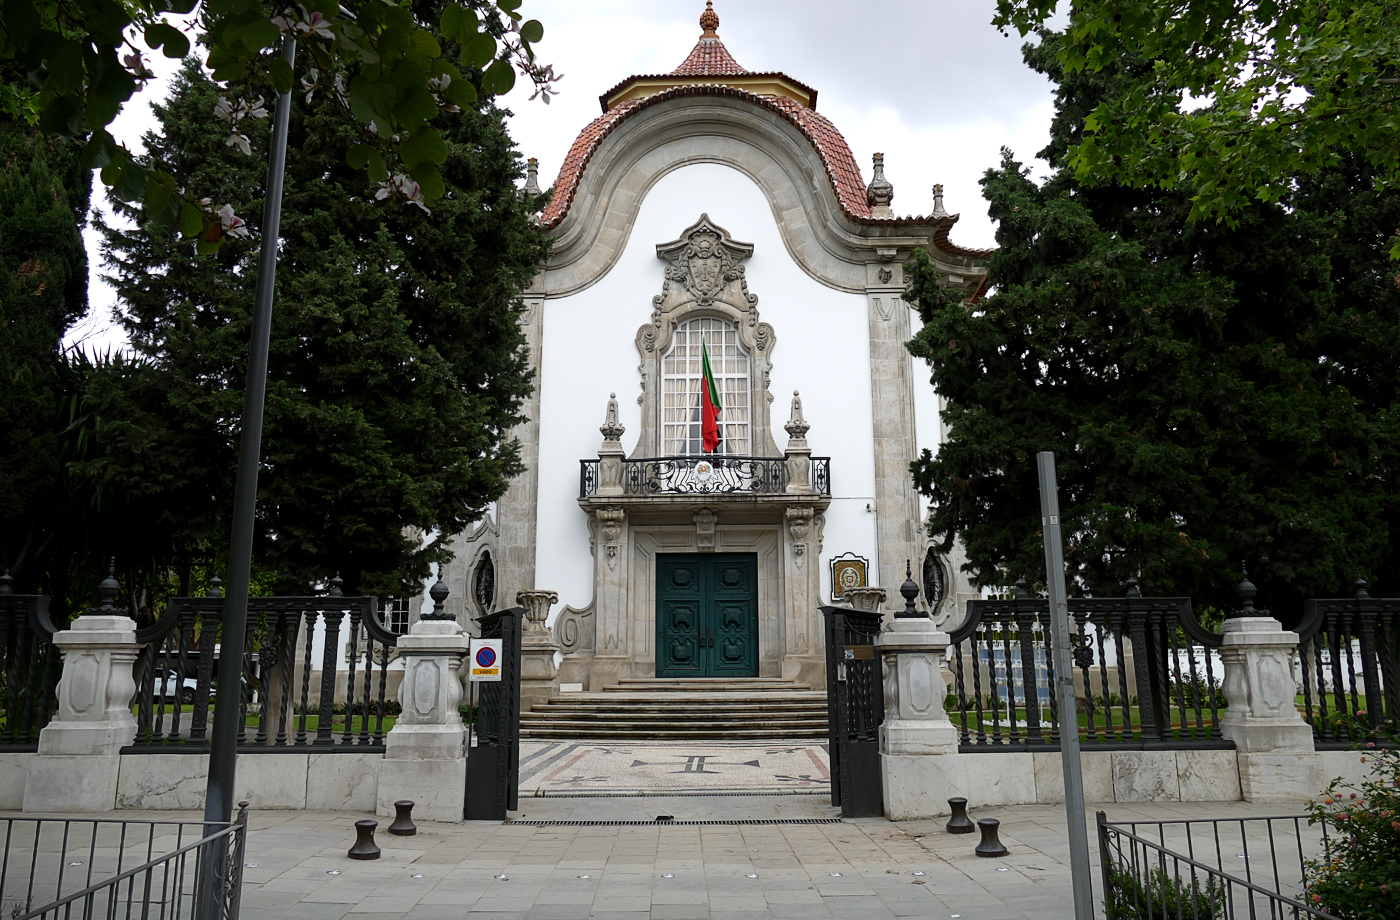 Pabellon Portugal Prado San Sebastian de Sevilla